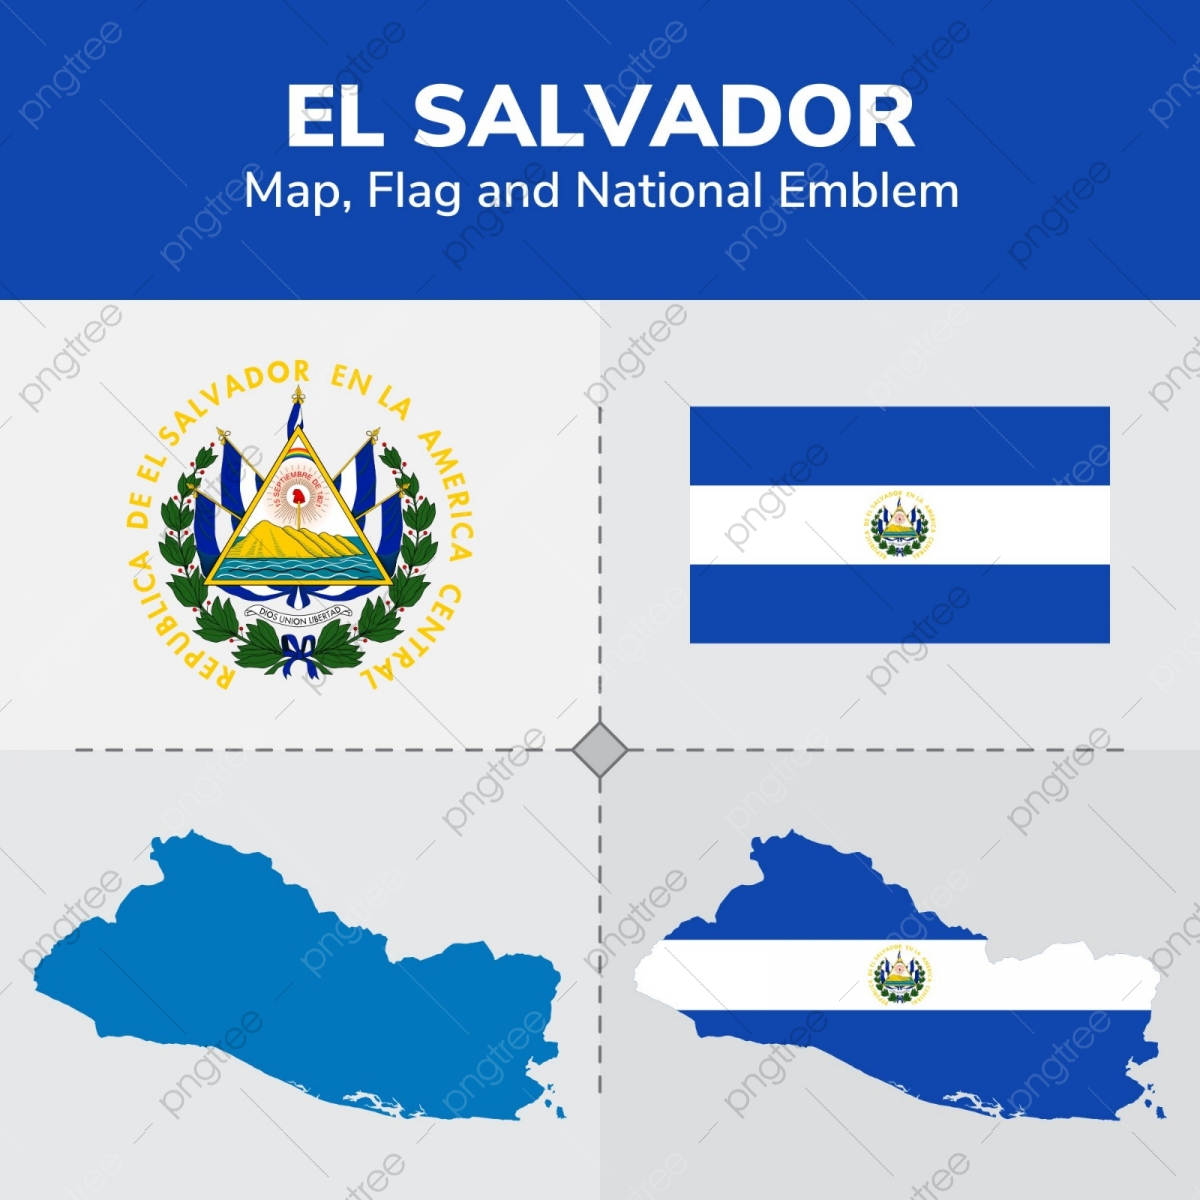 El Salvador Map Flag And National Emblem, Continents, Countries, Map.